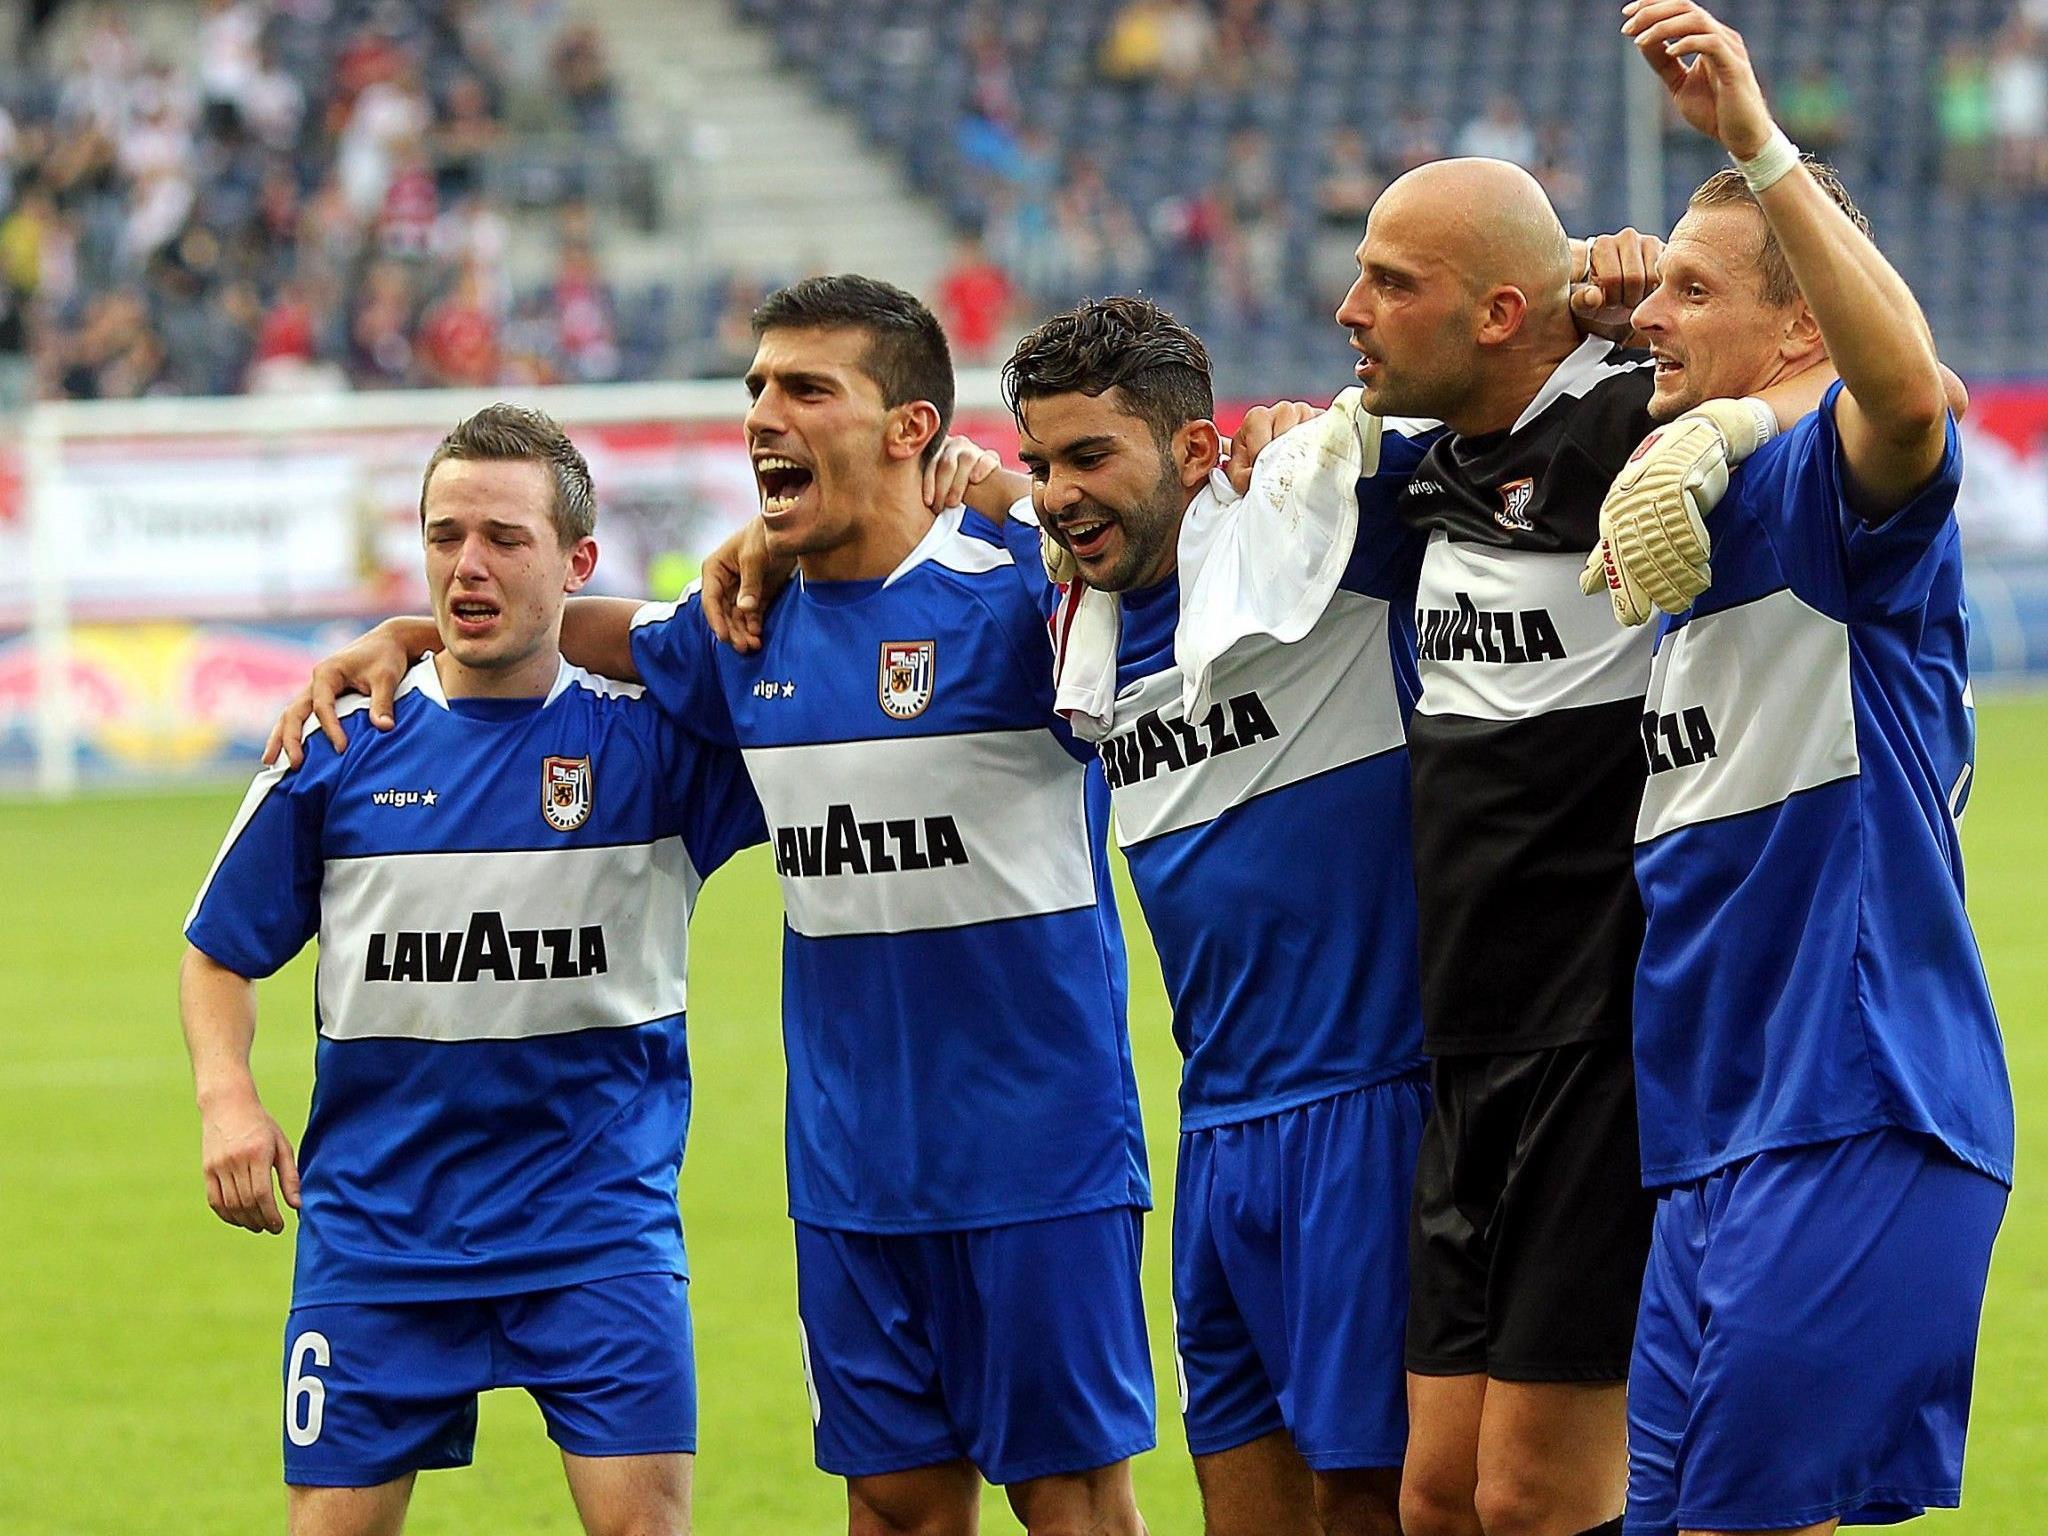 Spieler des FC Düdelingen konnten gegen Red Bull Salzburg jubeln.